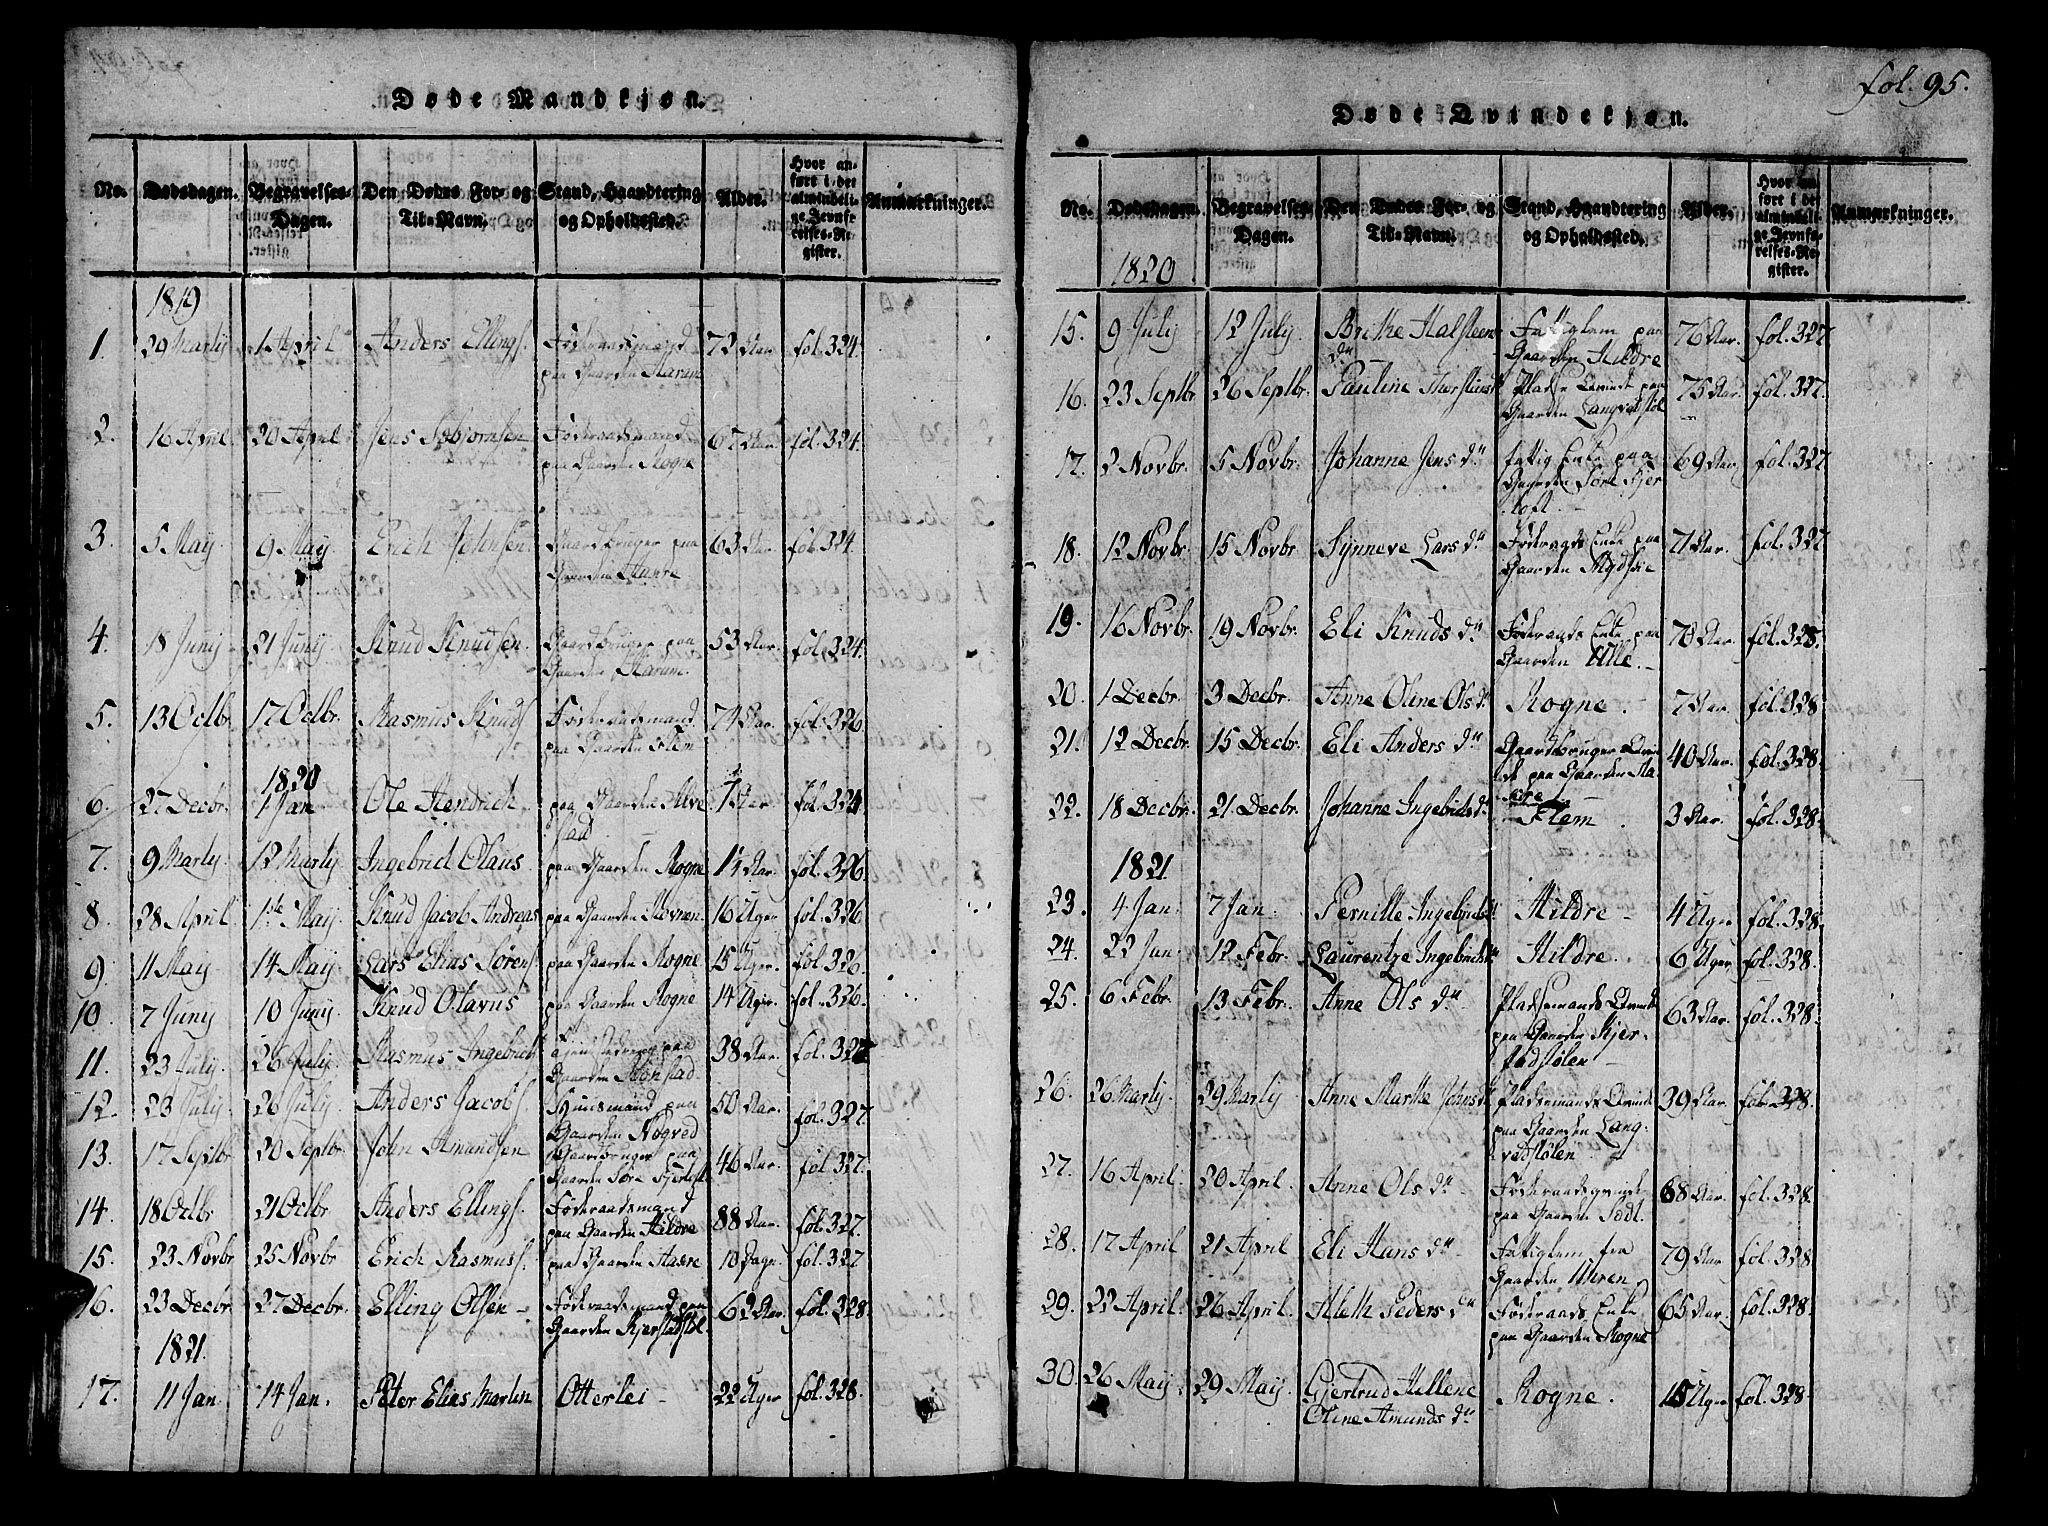 SAT, Ministerialprotokoller, klokkerbøker og fødselsregistre - Møre og Romsdal, 536/L0495: Ministerialbok nr. 536A04, 1818-1847, s. 95